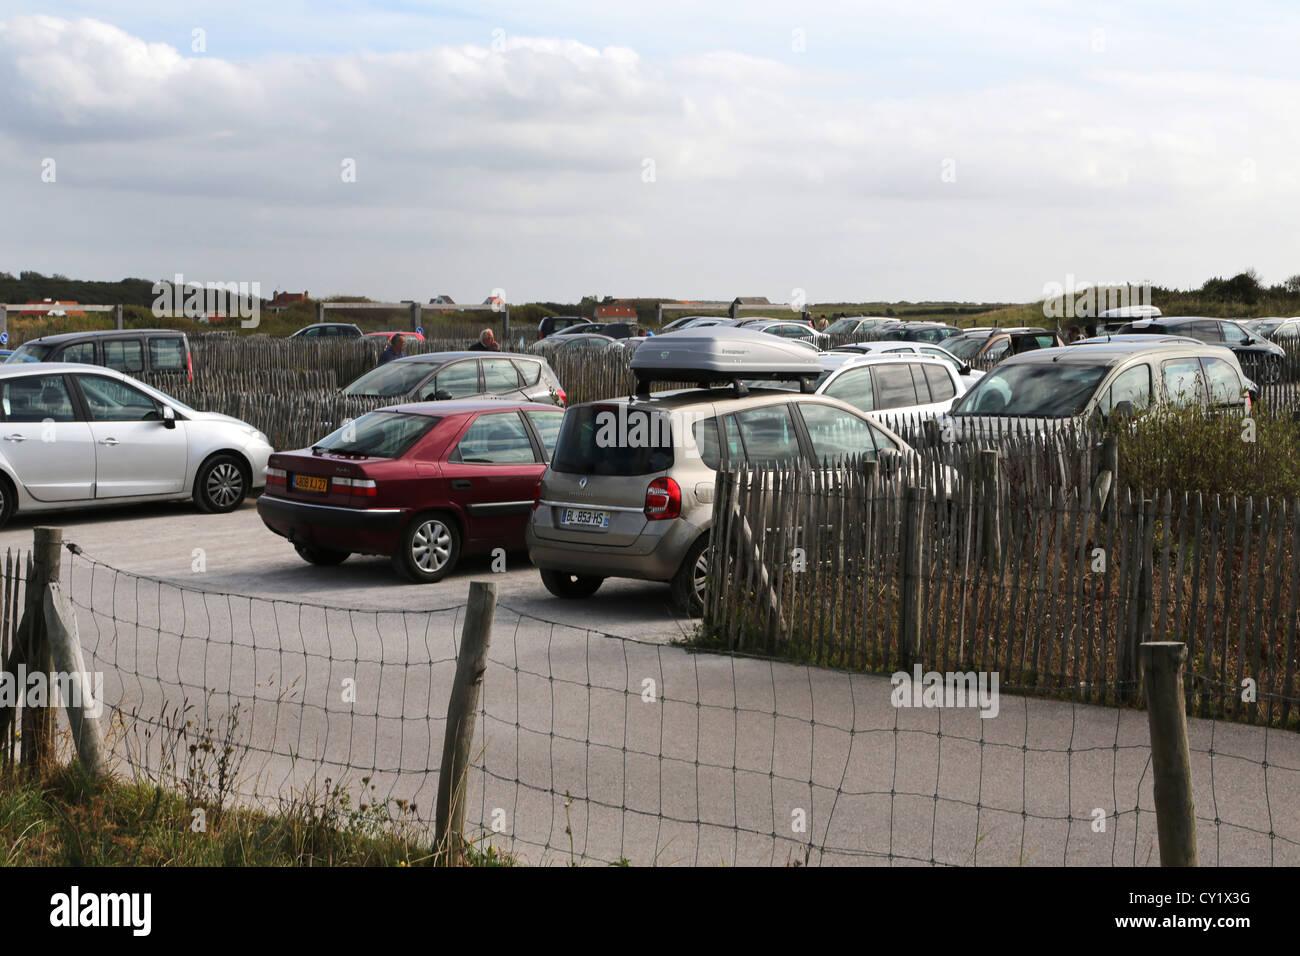 Cap Gris Nez Cote d'opale Pas de Calais France Cars In Car Park - Stock Image